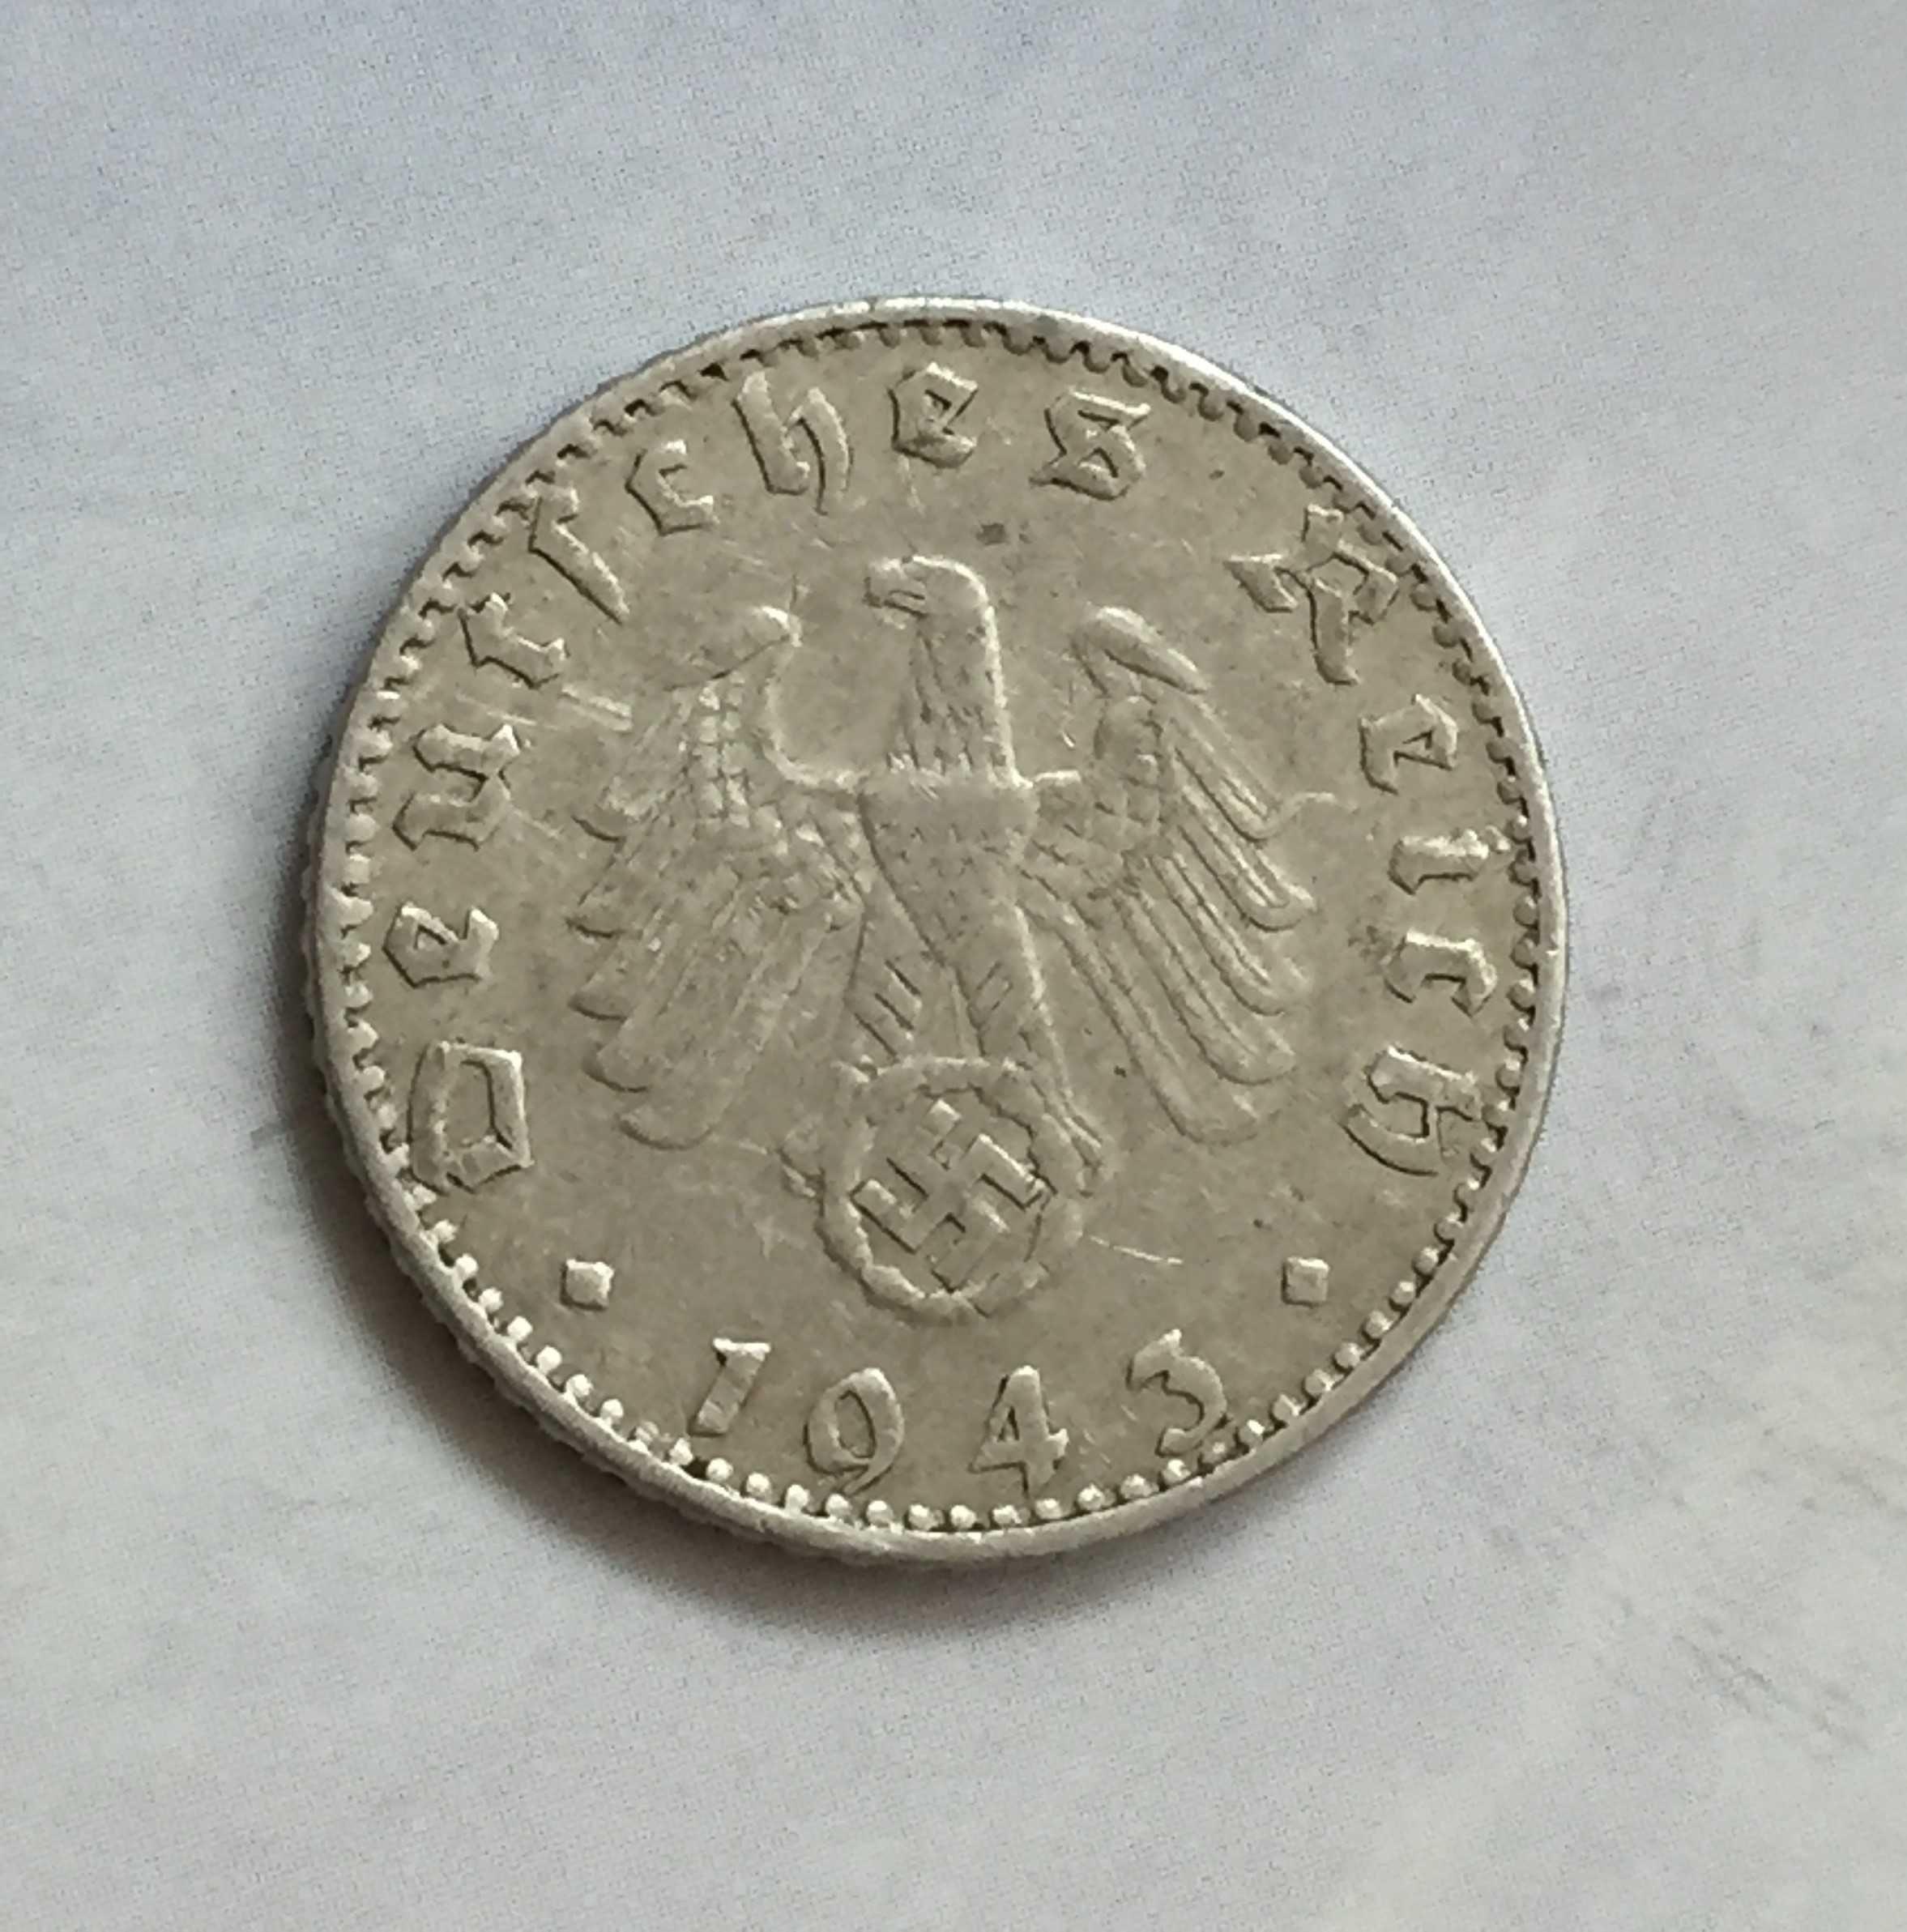 Alemanha nazi 50 reichspfennig 1943-J, Alumínio - swastika